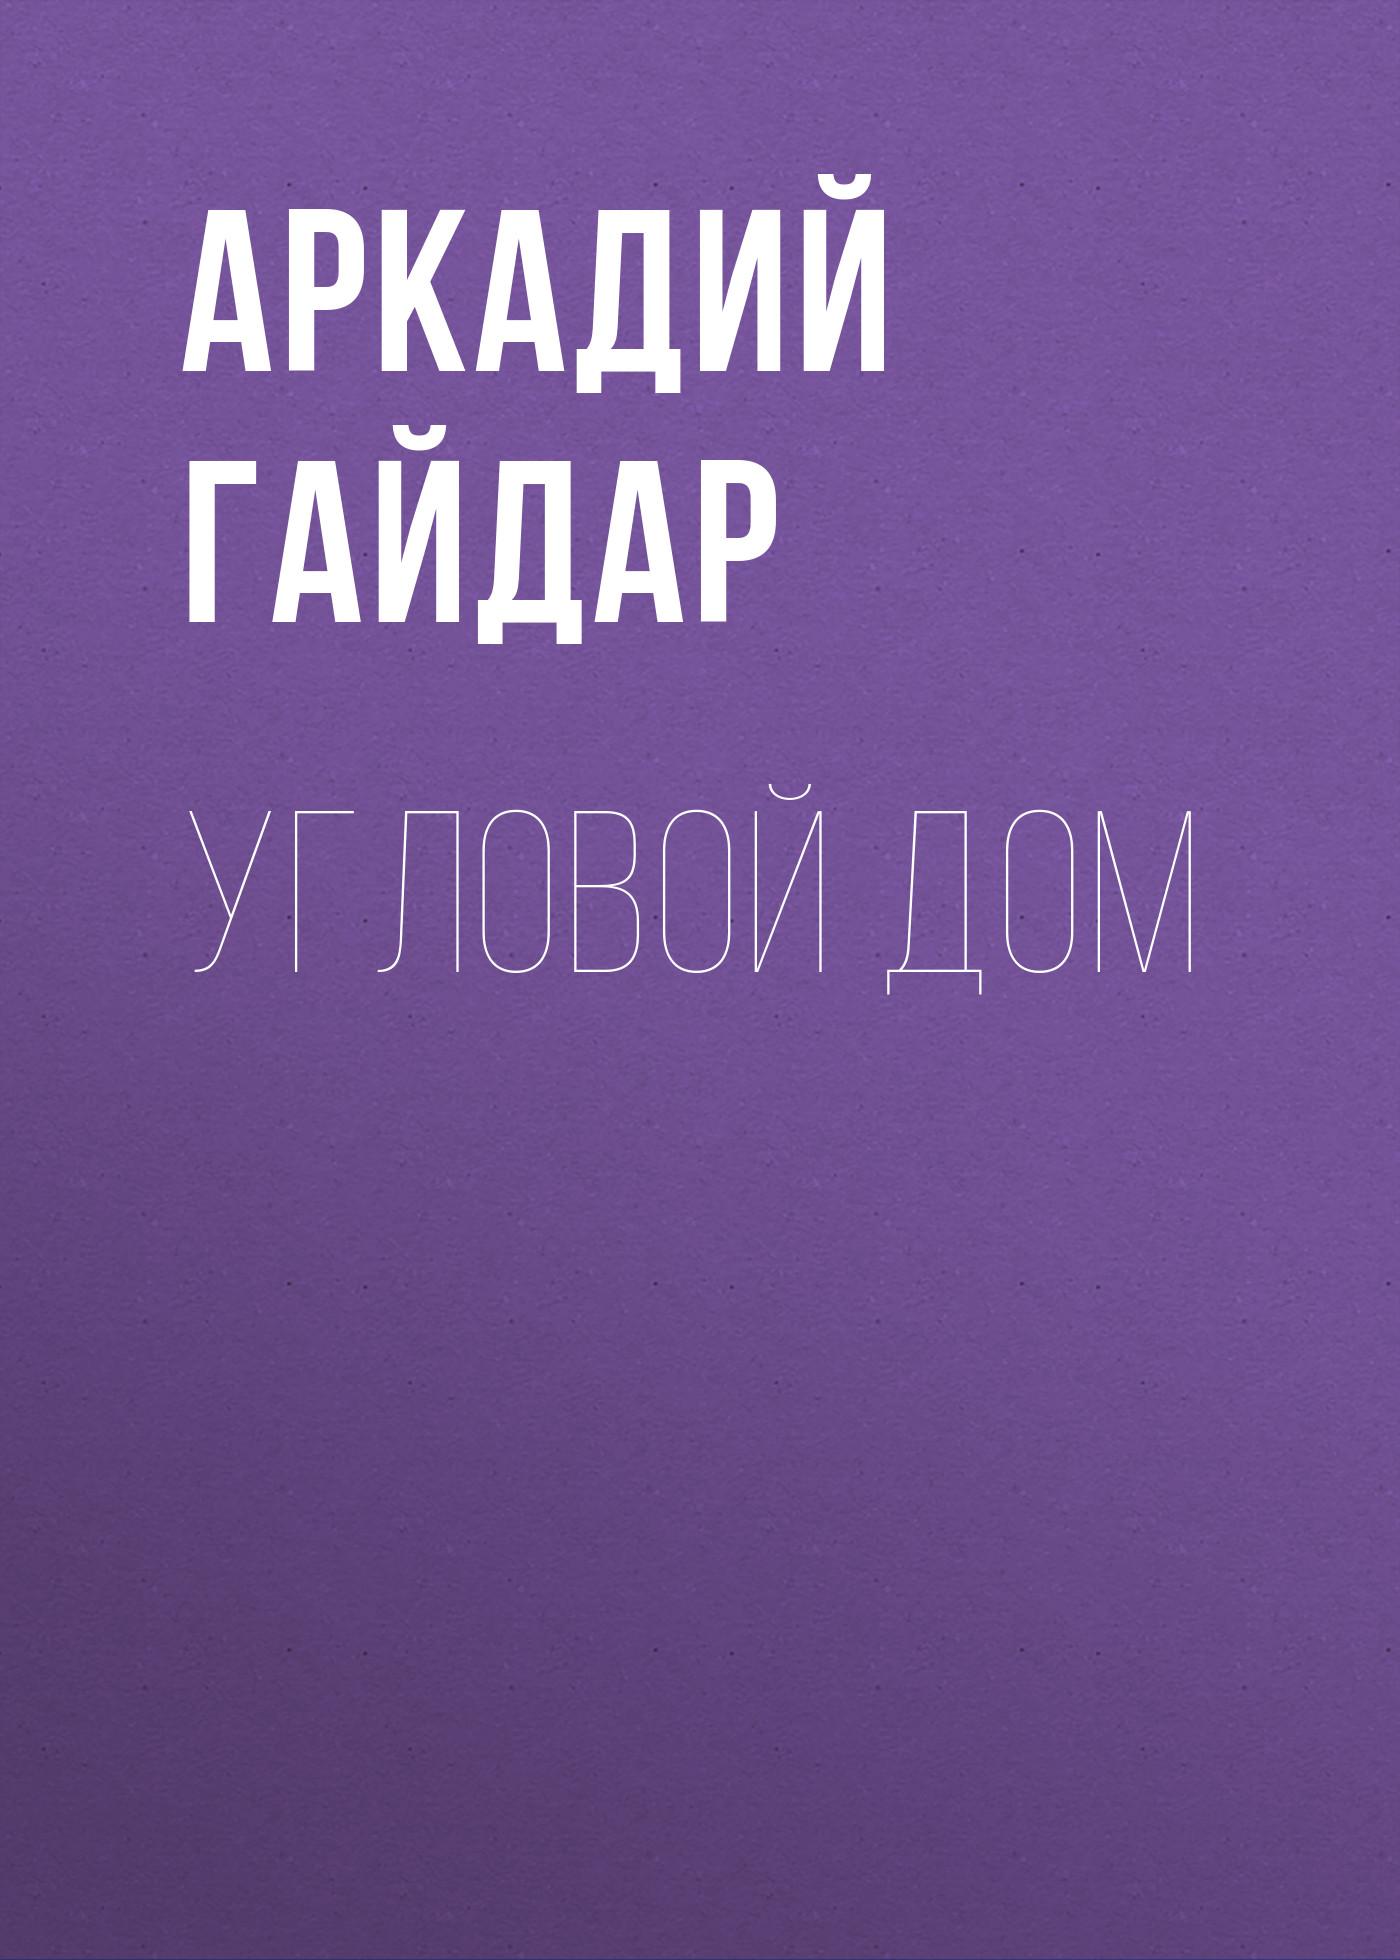 Аркадий Гайдар Угловой дом перекрестки россии